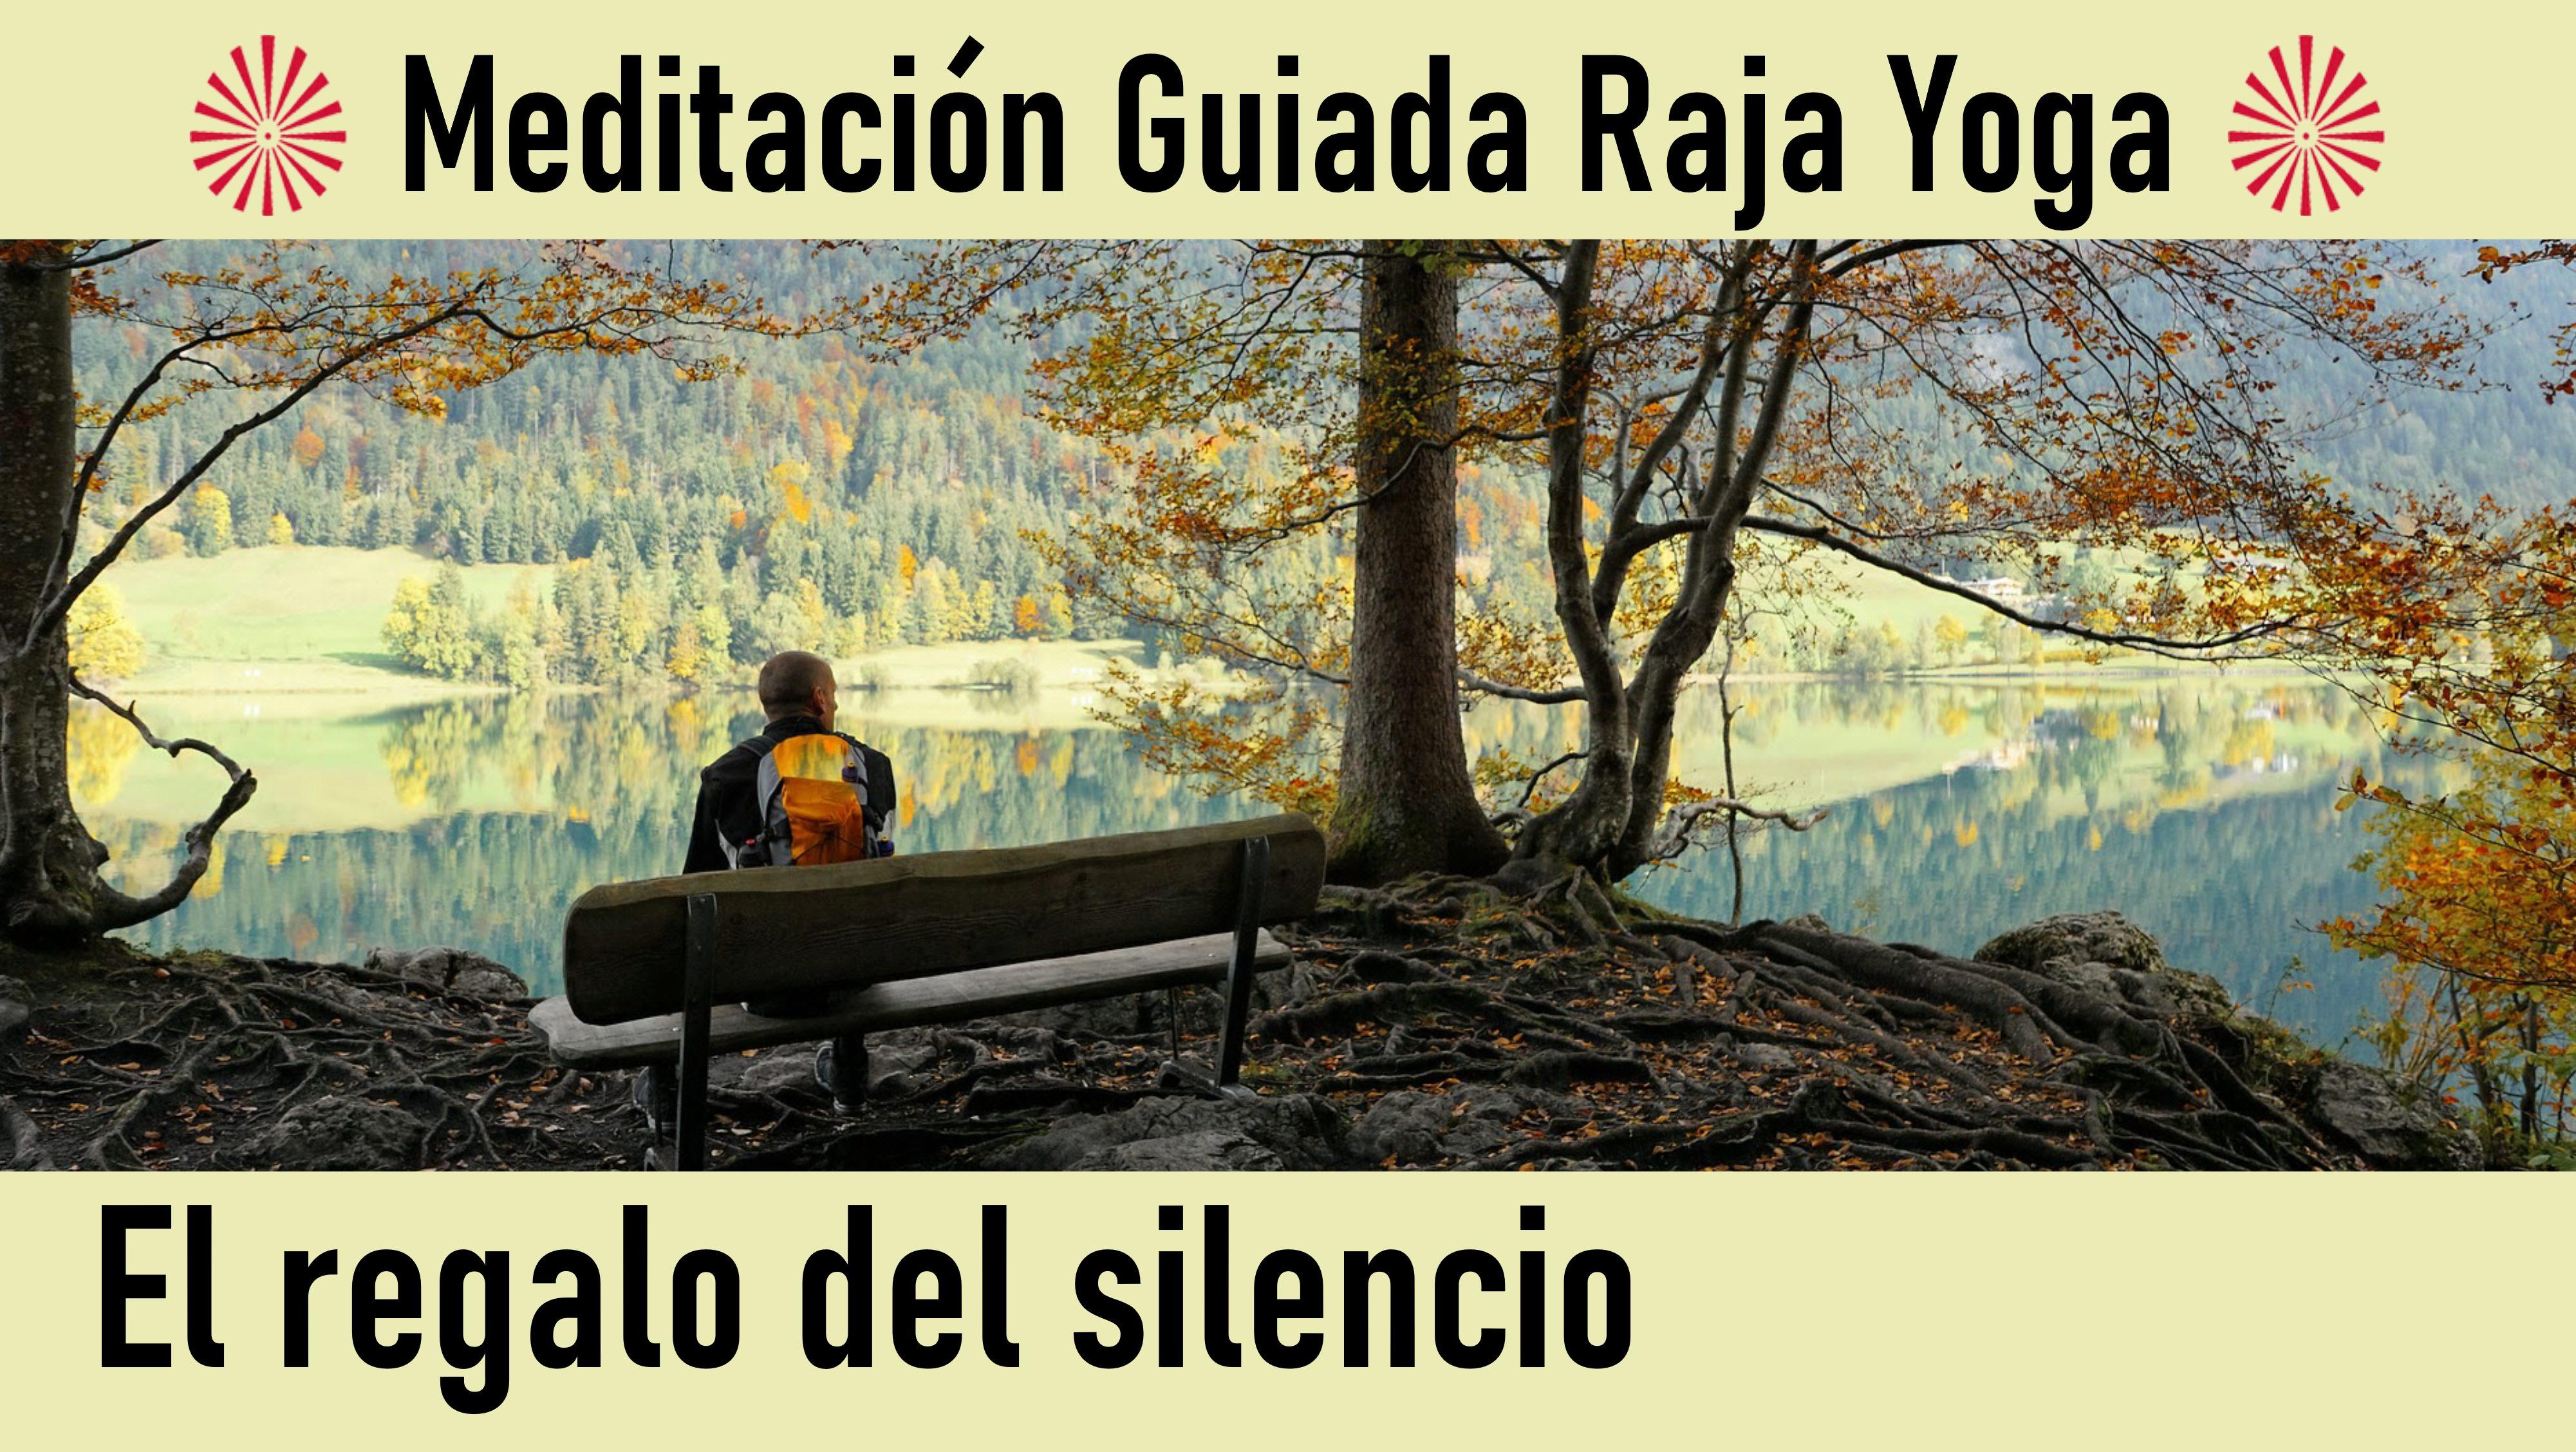 Meditación Raja Yoga: El regalo del silencio (16 Junio 2020) On-line desde Madrid